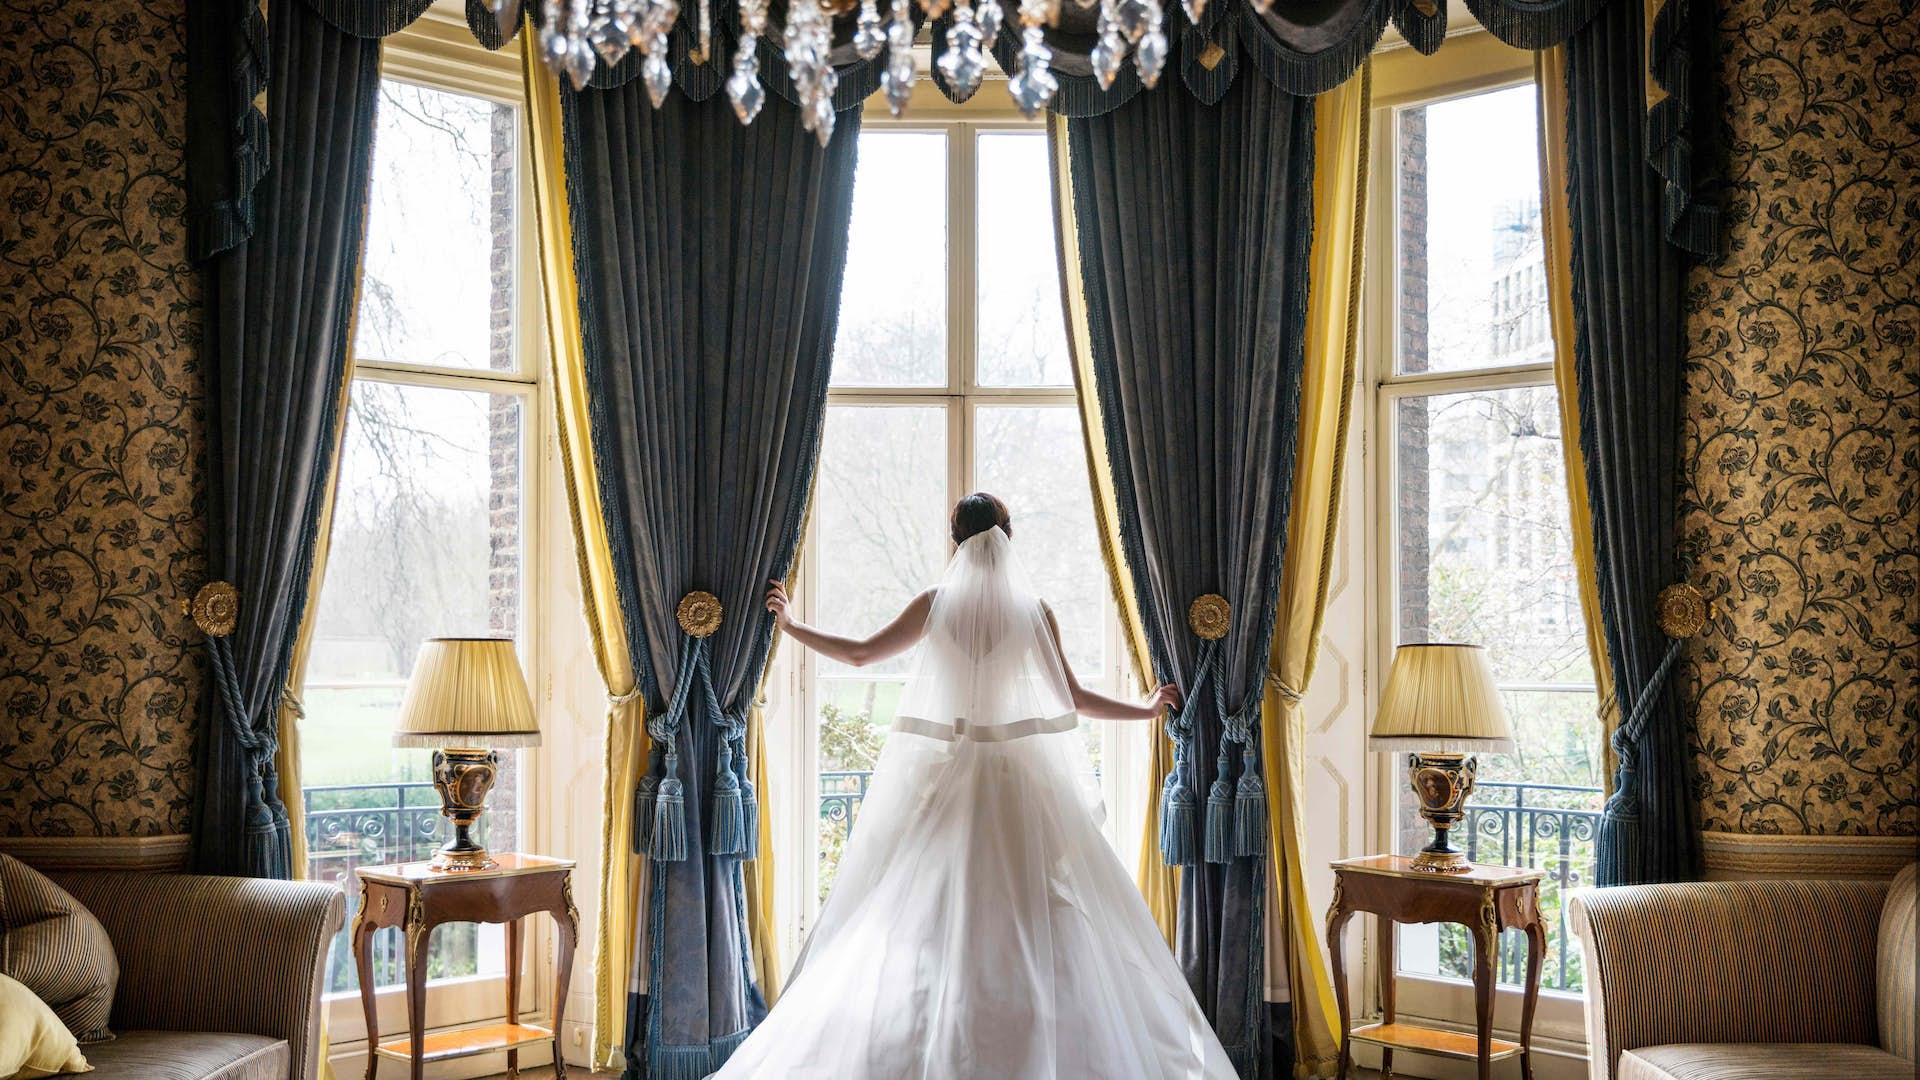 The Queen Elizabeth Room Weddings The Ritz London